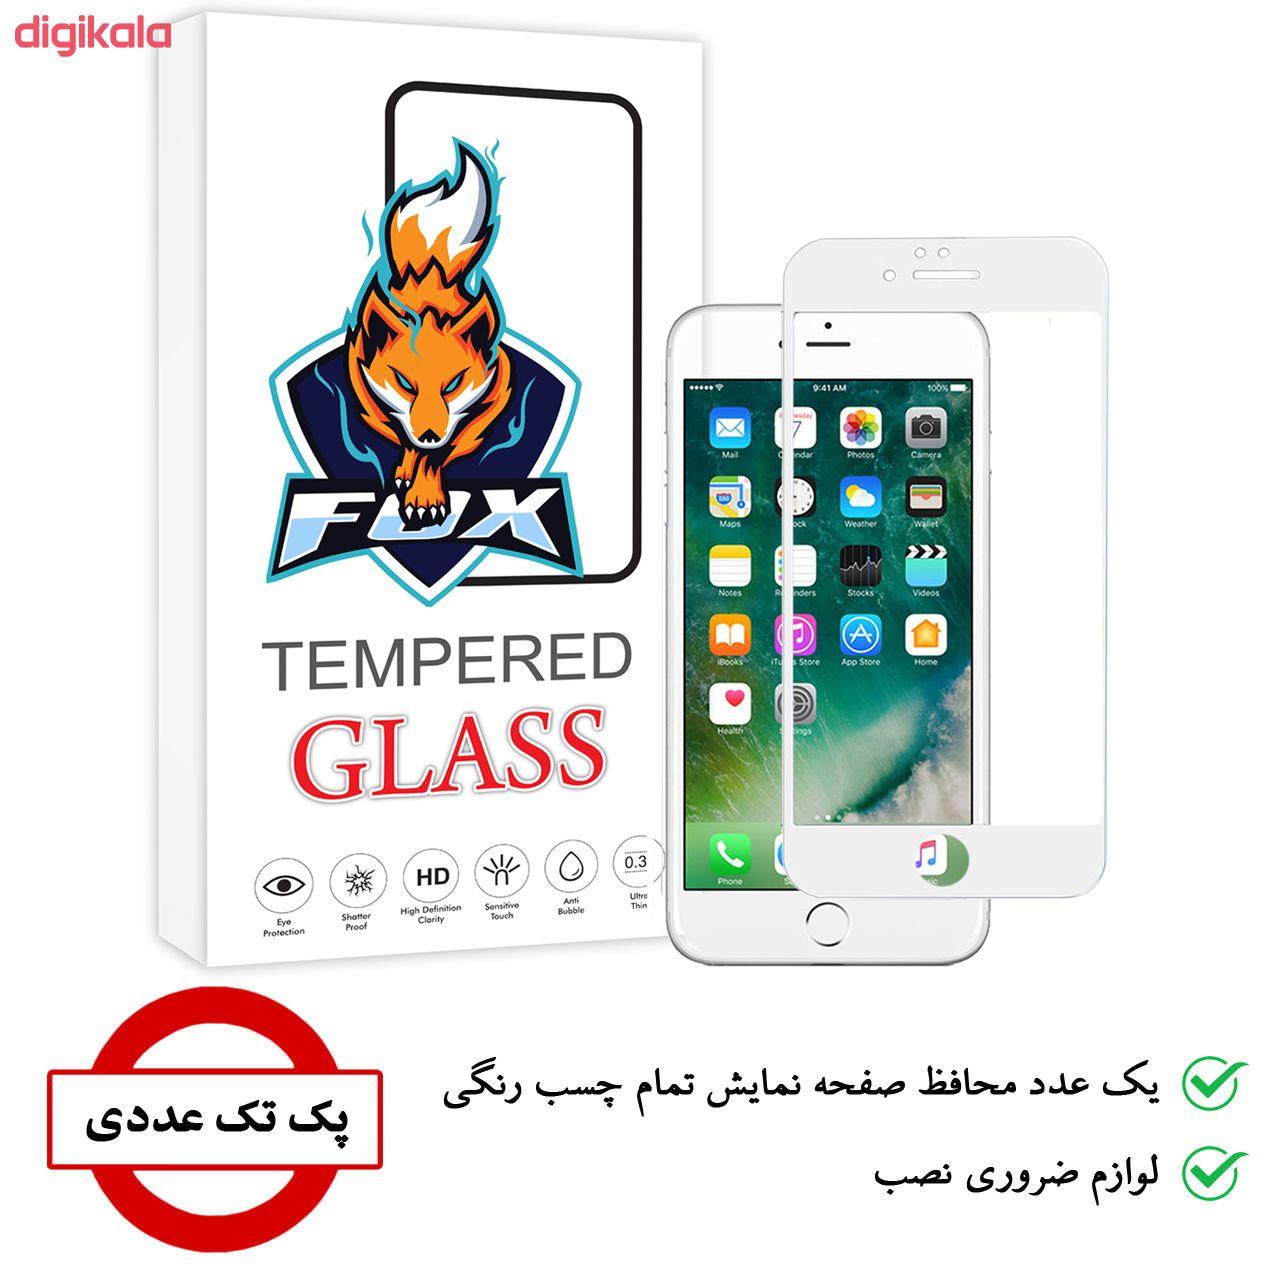 محافظ صفحه نمایش فوکس مدل PT001 مناسب برای گوشی موبایل اپل Iphone 6/6s main 1 1